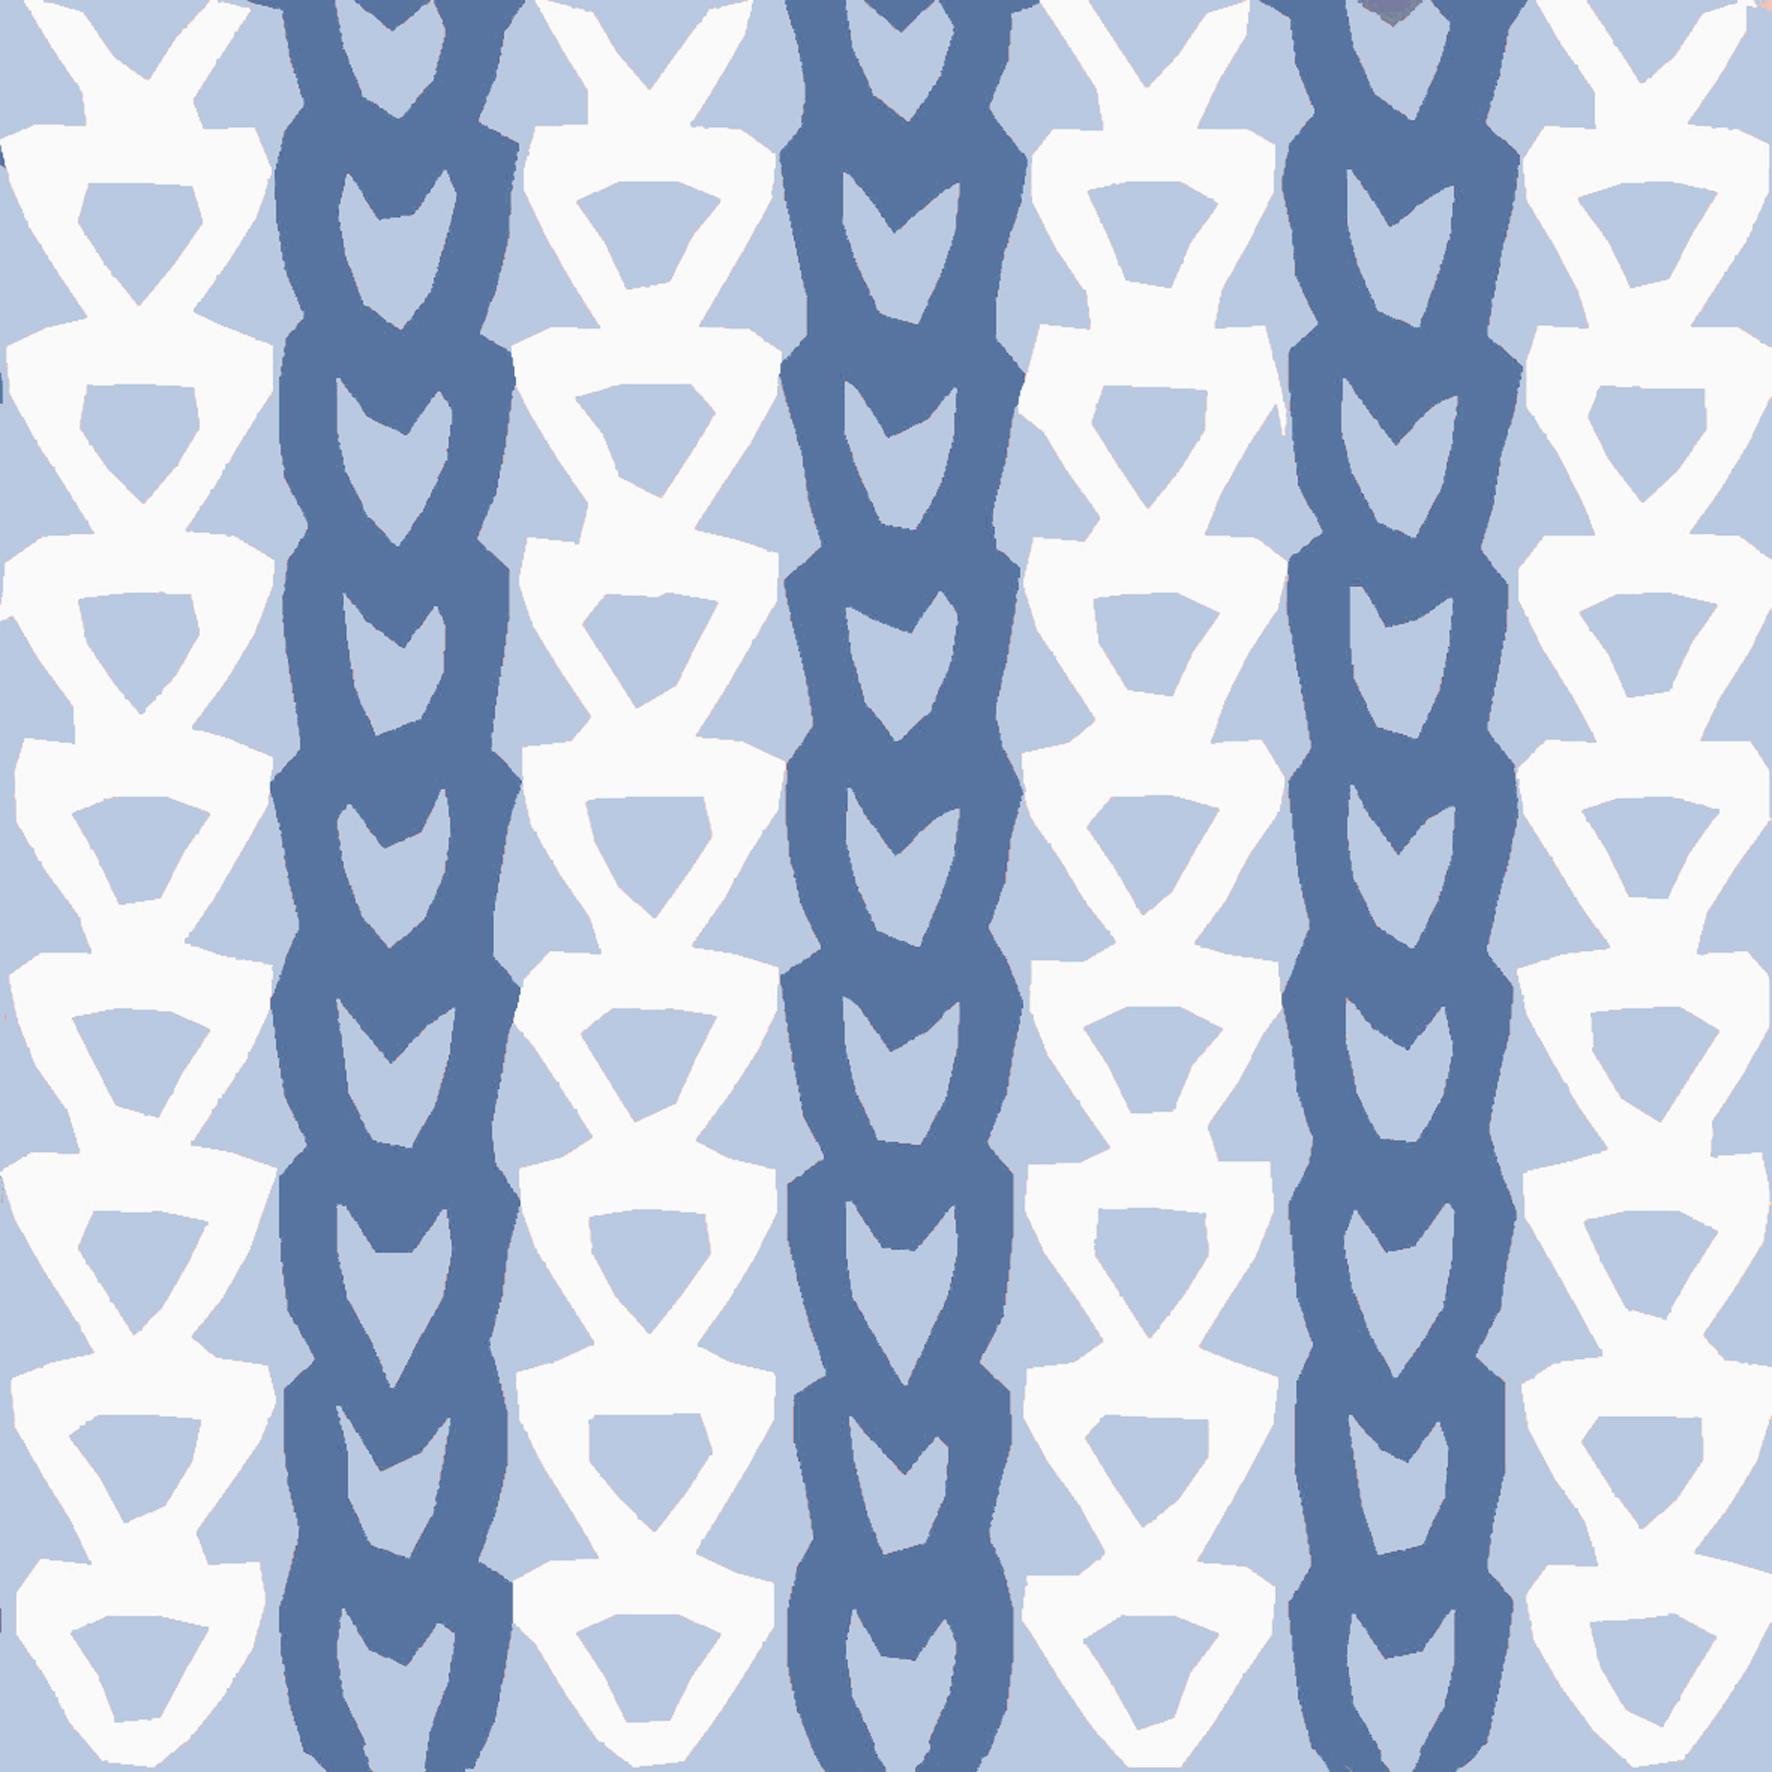 tile design Knit blue